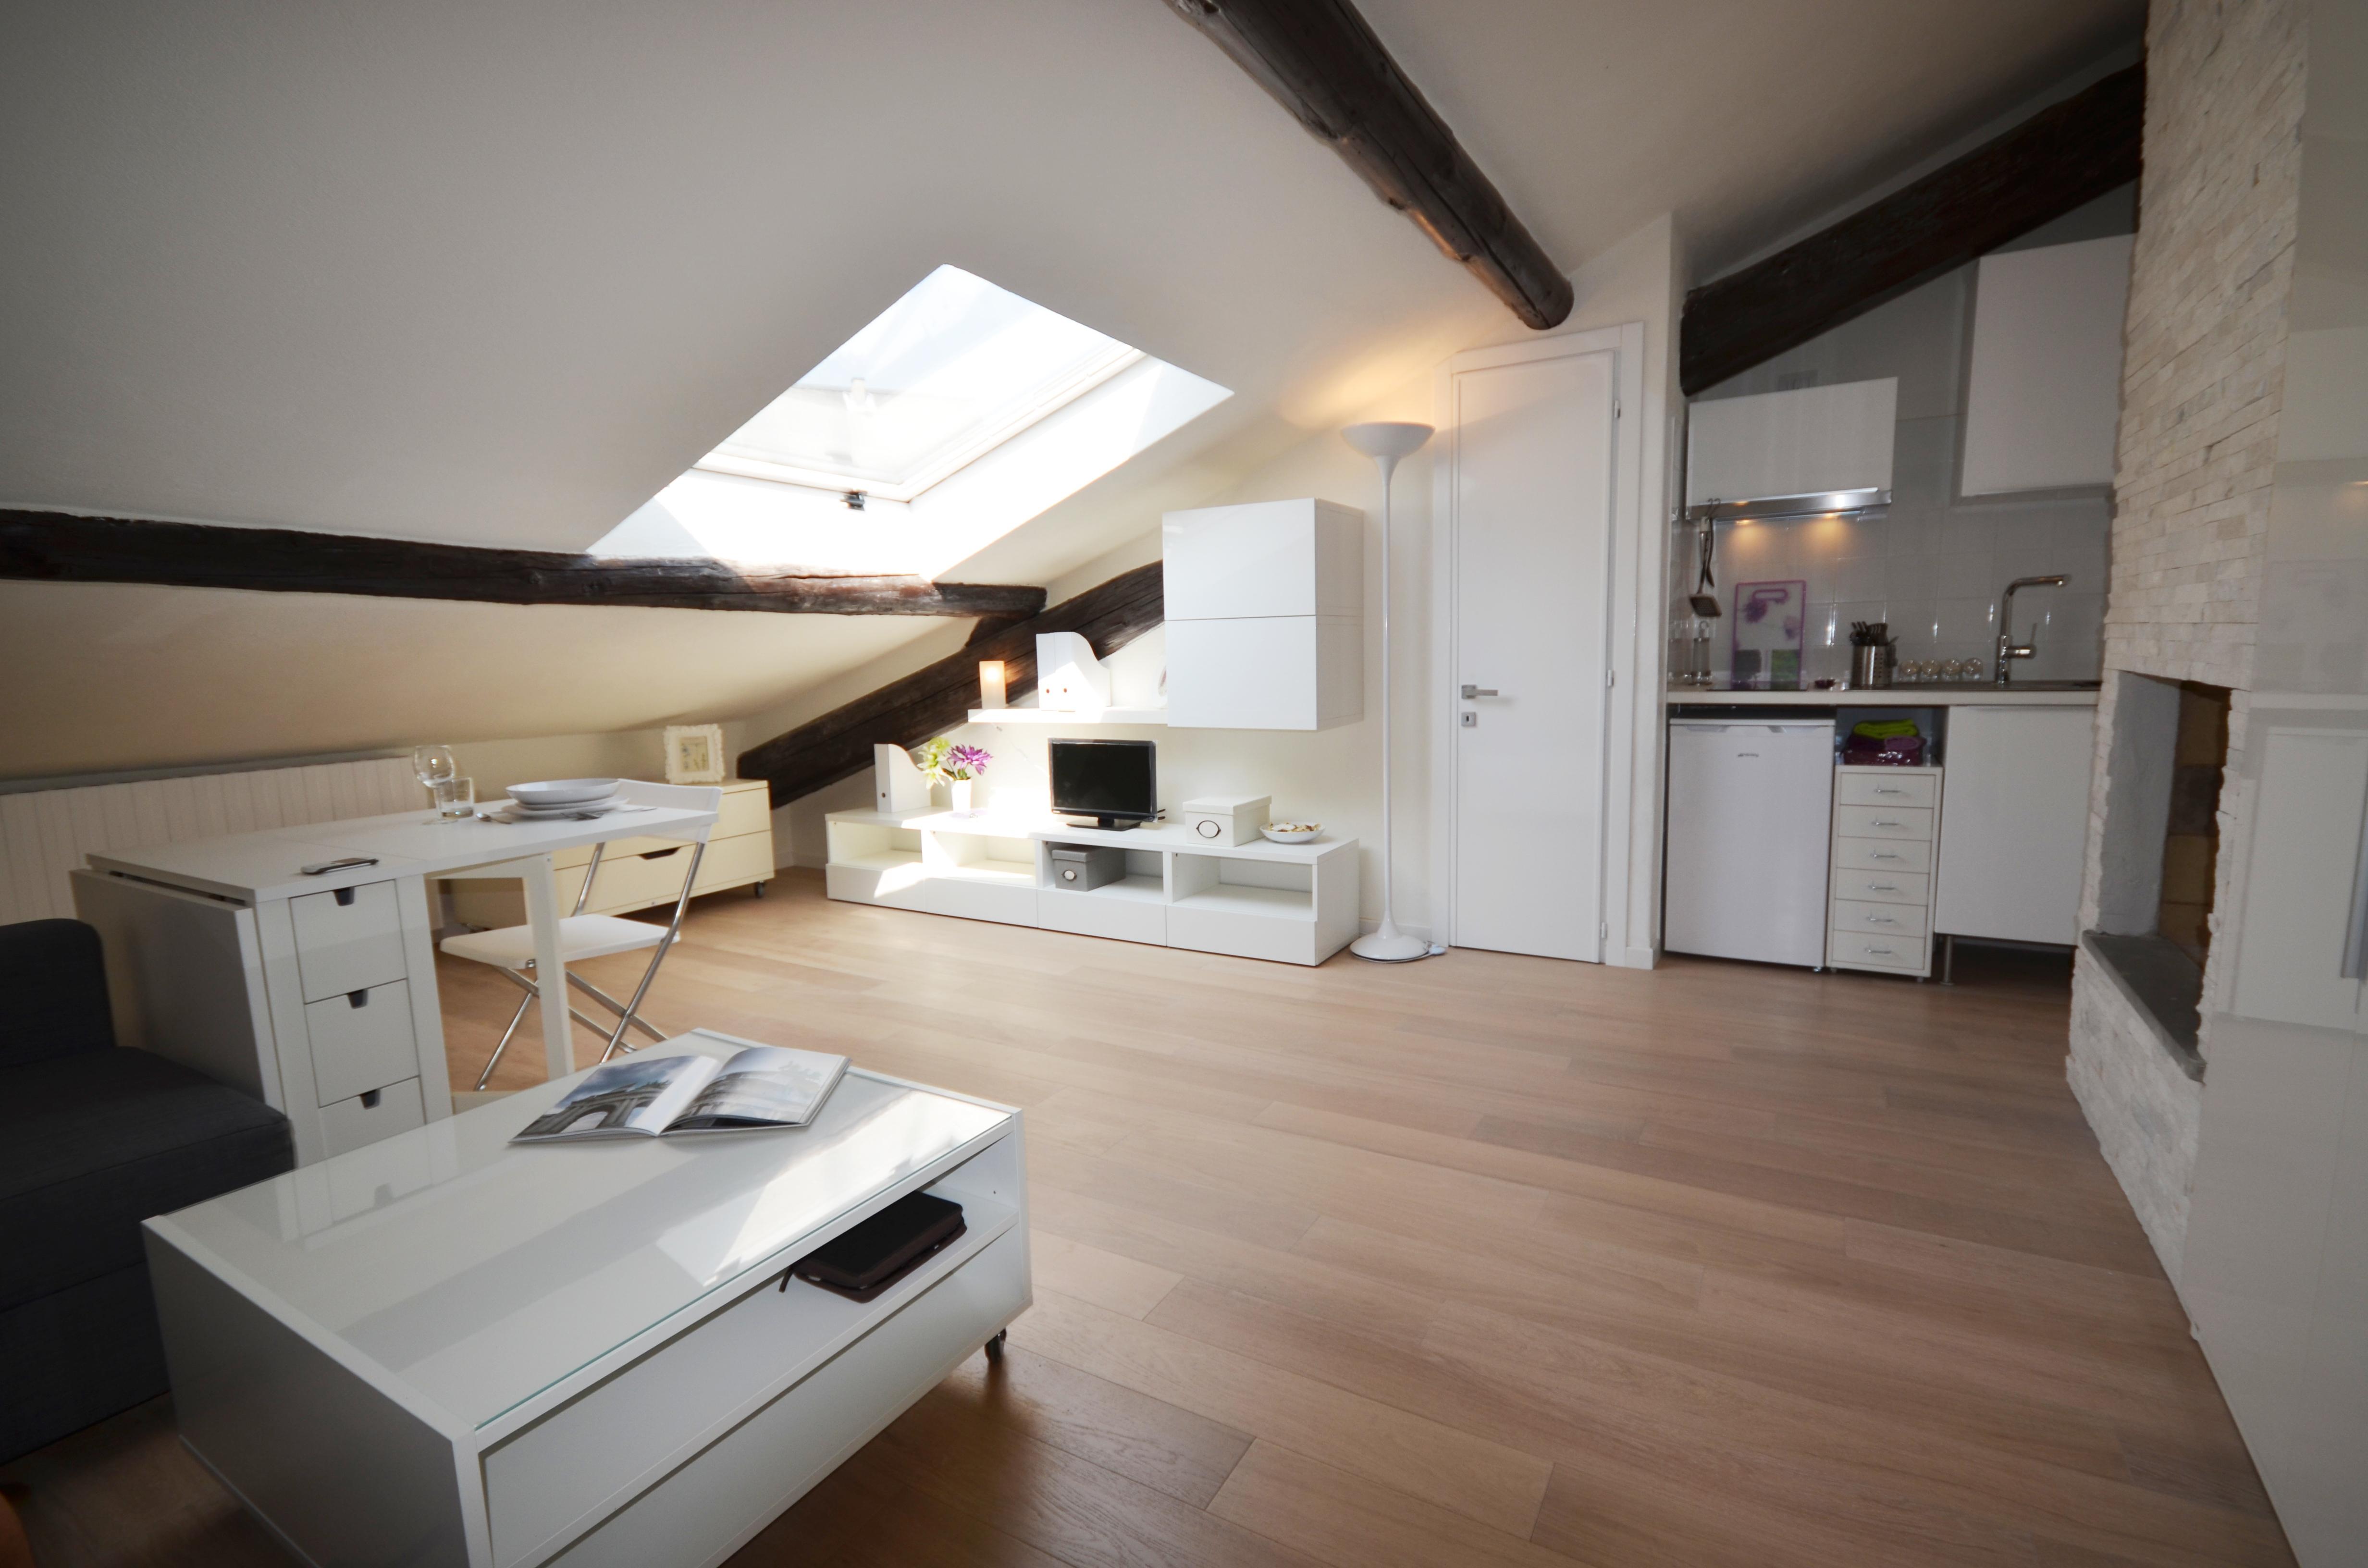 Monolocali In Vendita A Parigi mini appartamenti con stile: lusso e comfort in appena 10 m2